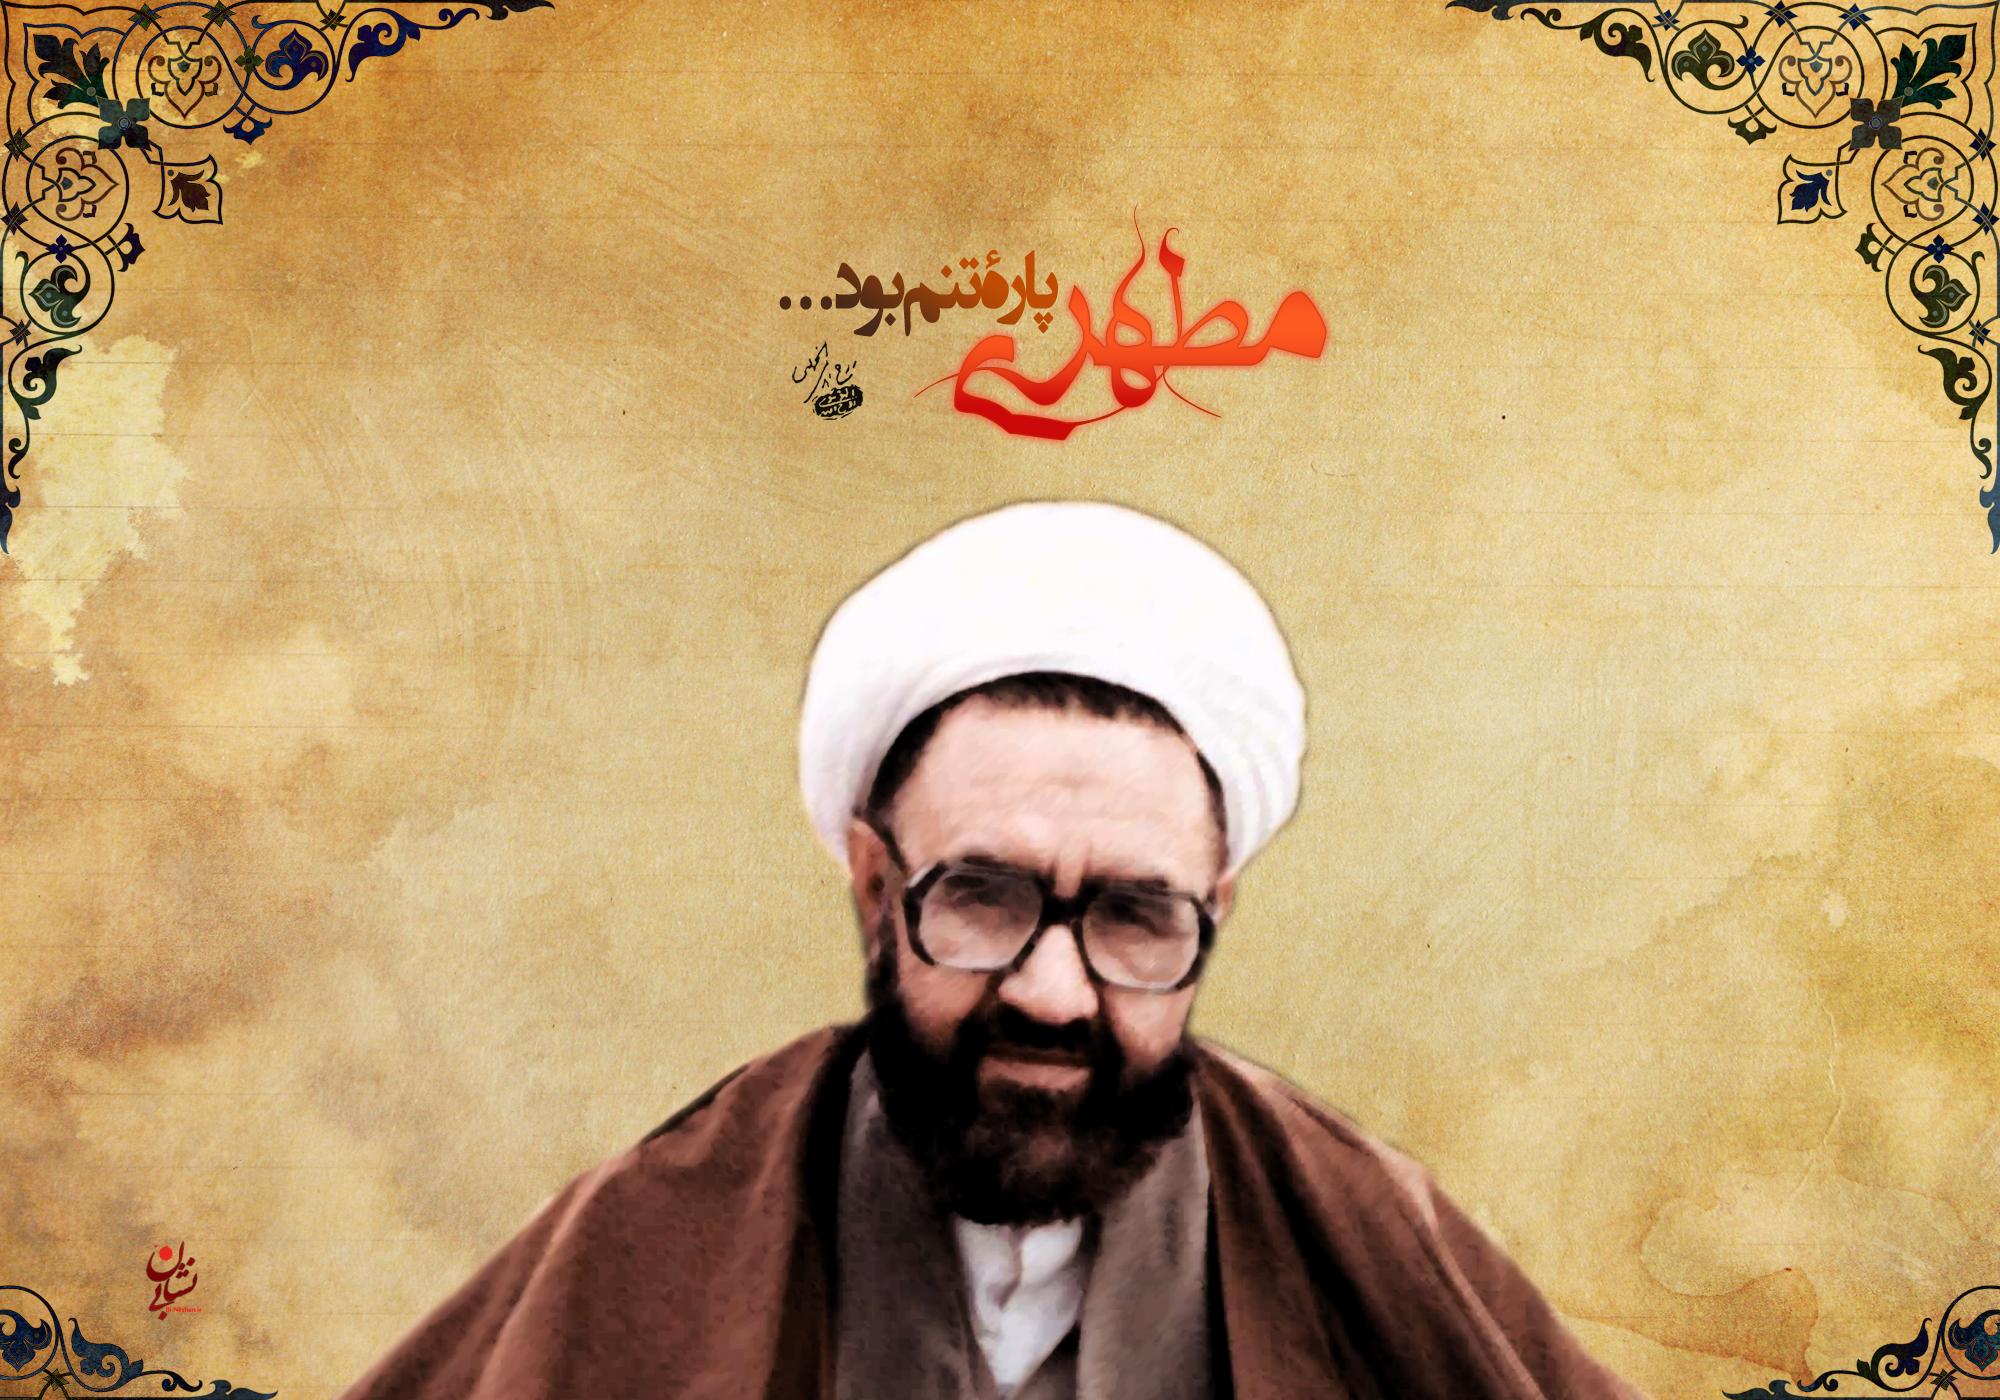 زندگی نامه عیدوک بامری دبیرخانه بینش مطهر استان اردبیل - مطالب ابر زندگی نامه شهید مطهری